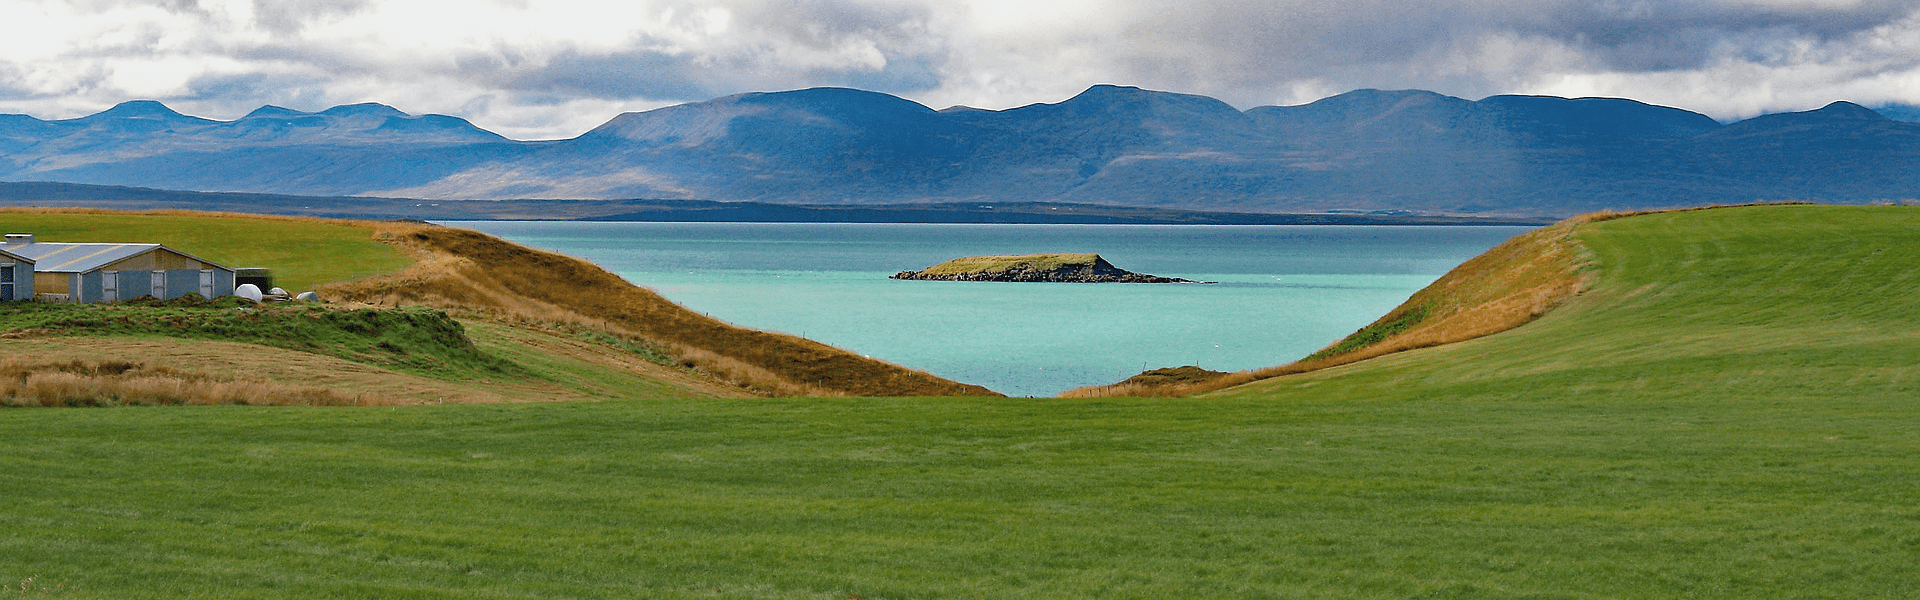 IJsland | Wandelreis Oost IJsland en Thorsmörk